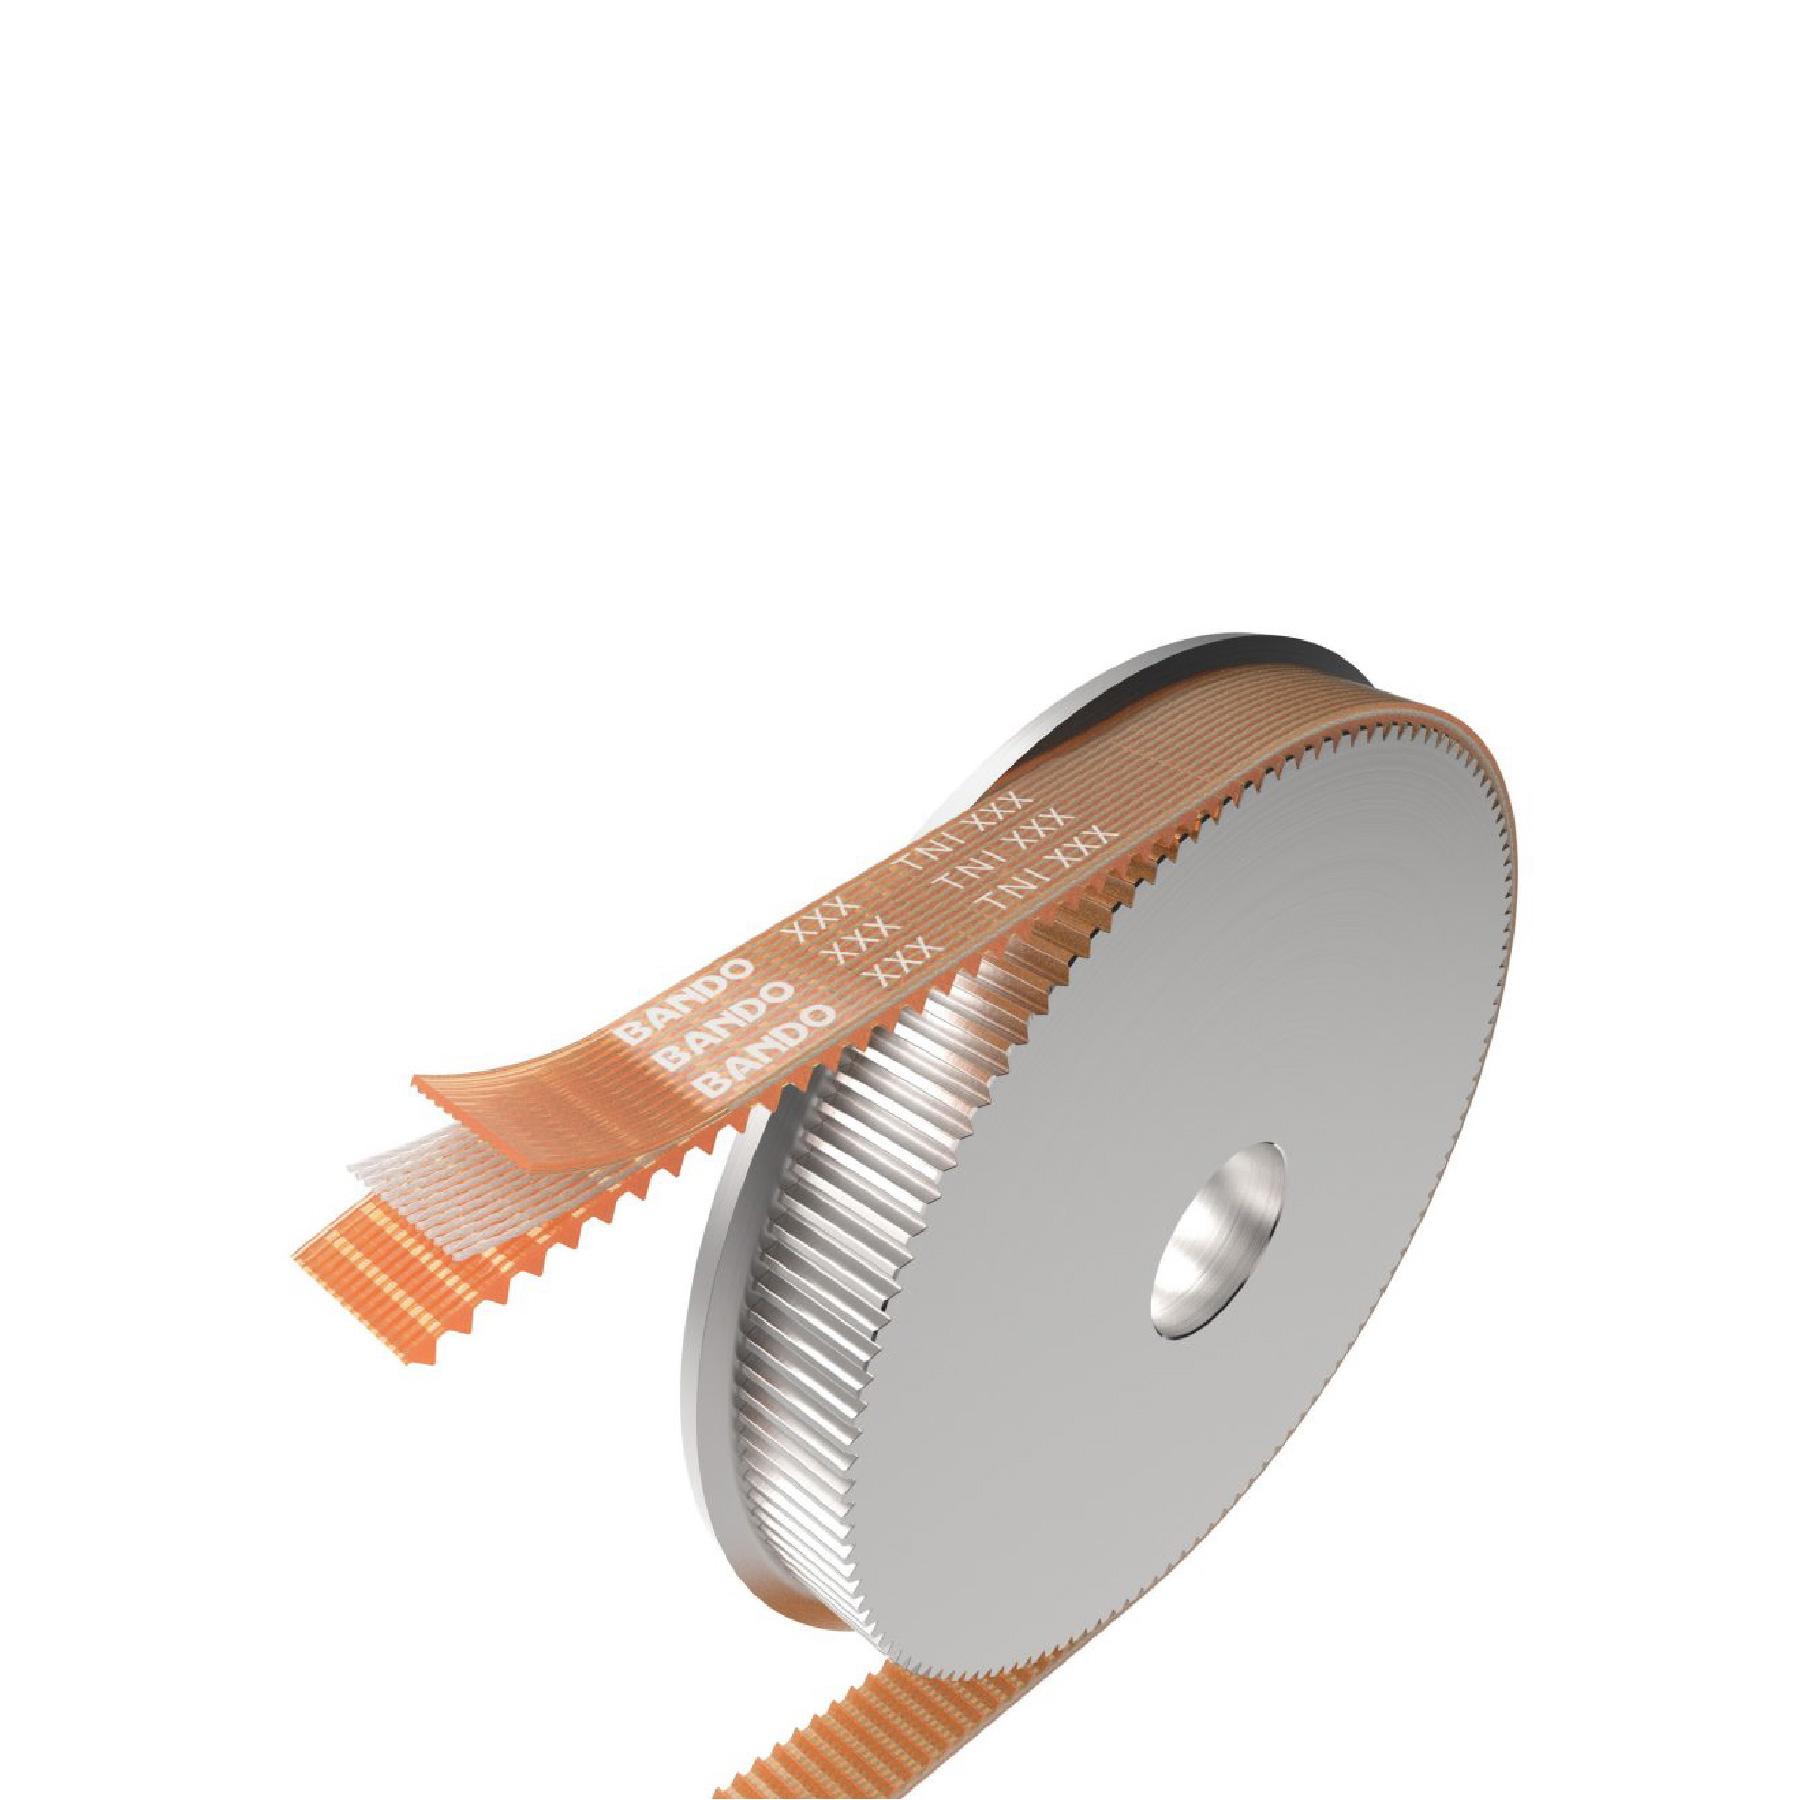 Bancollan TN Synchronous Belts